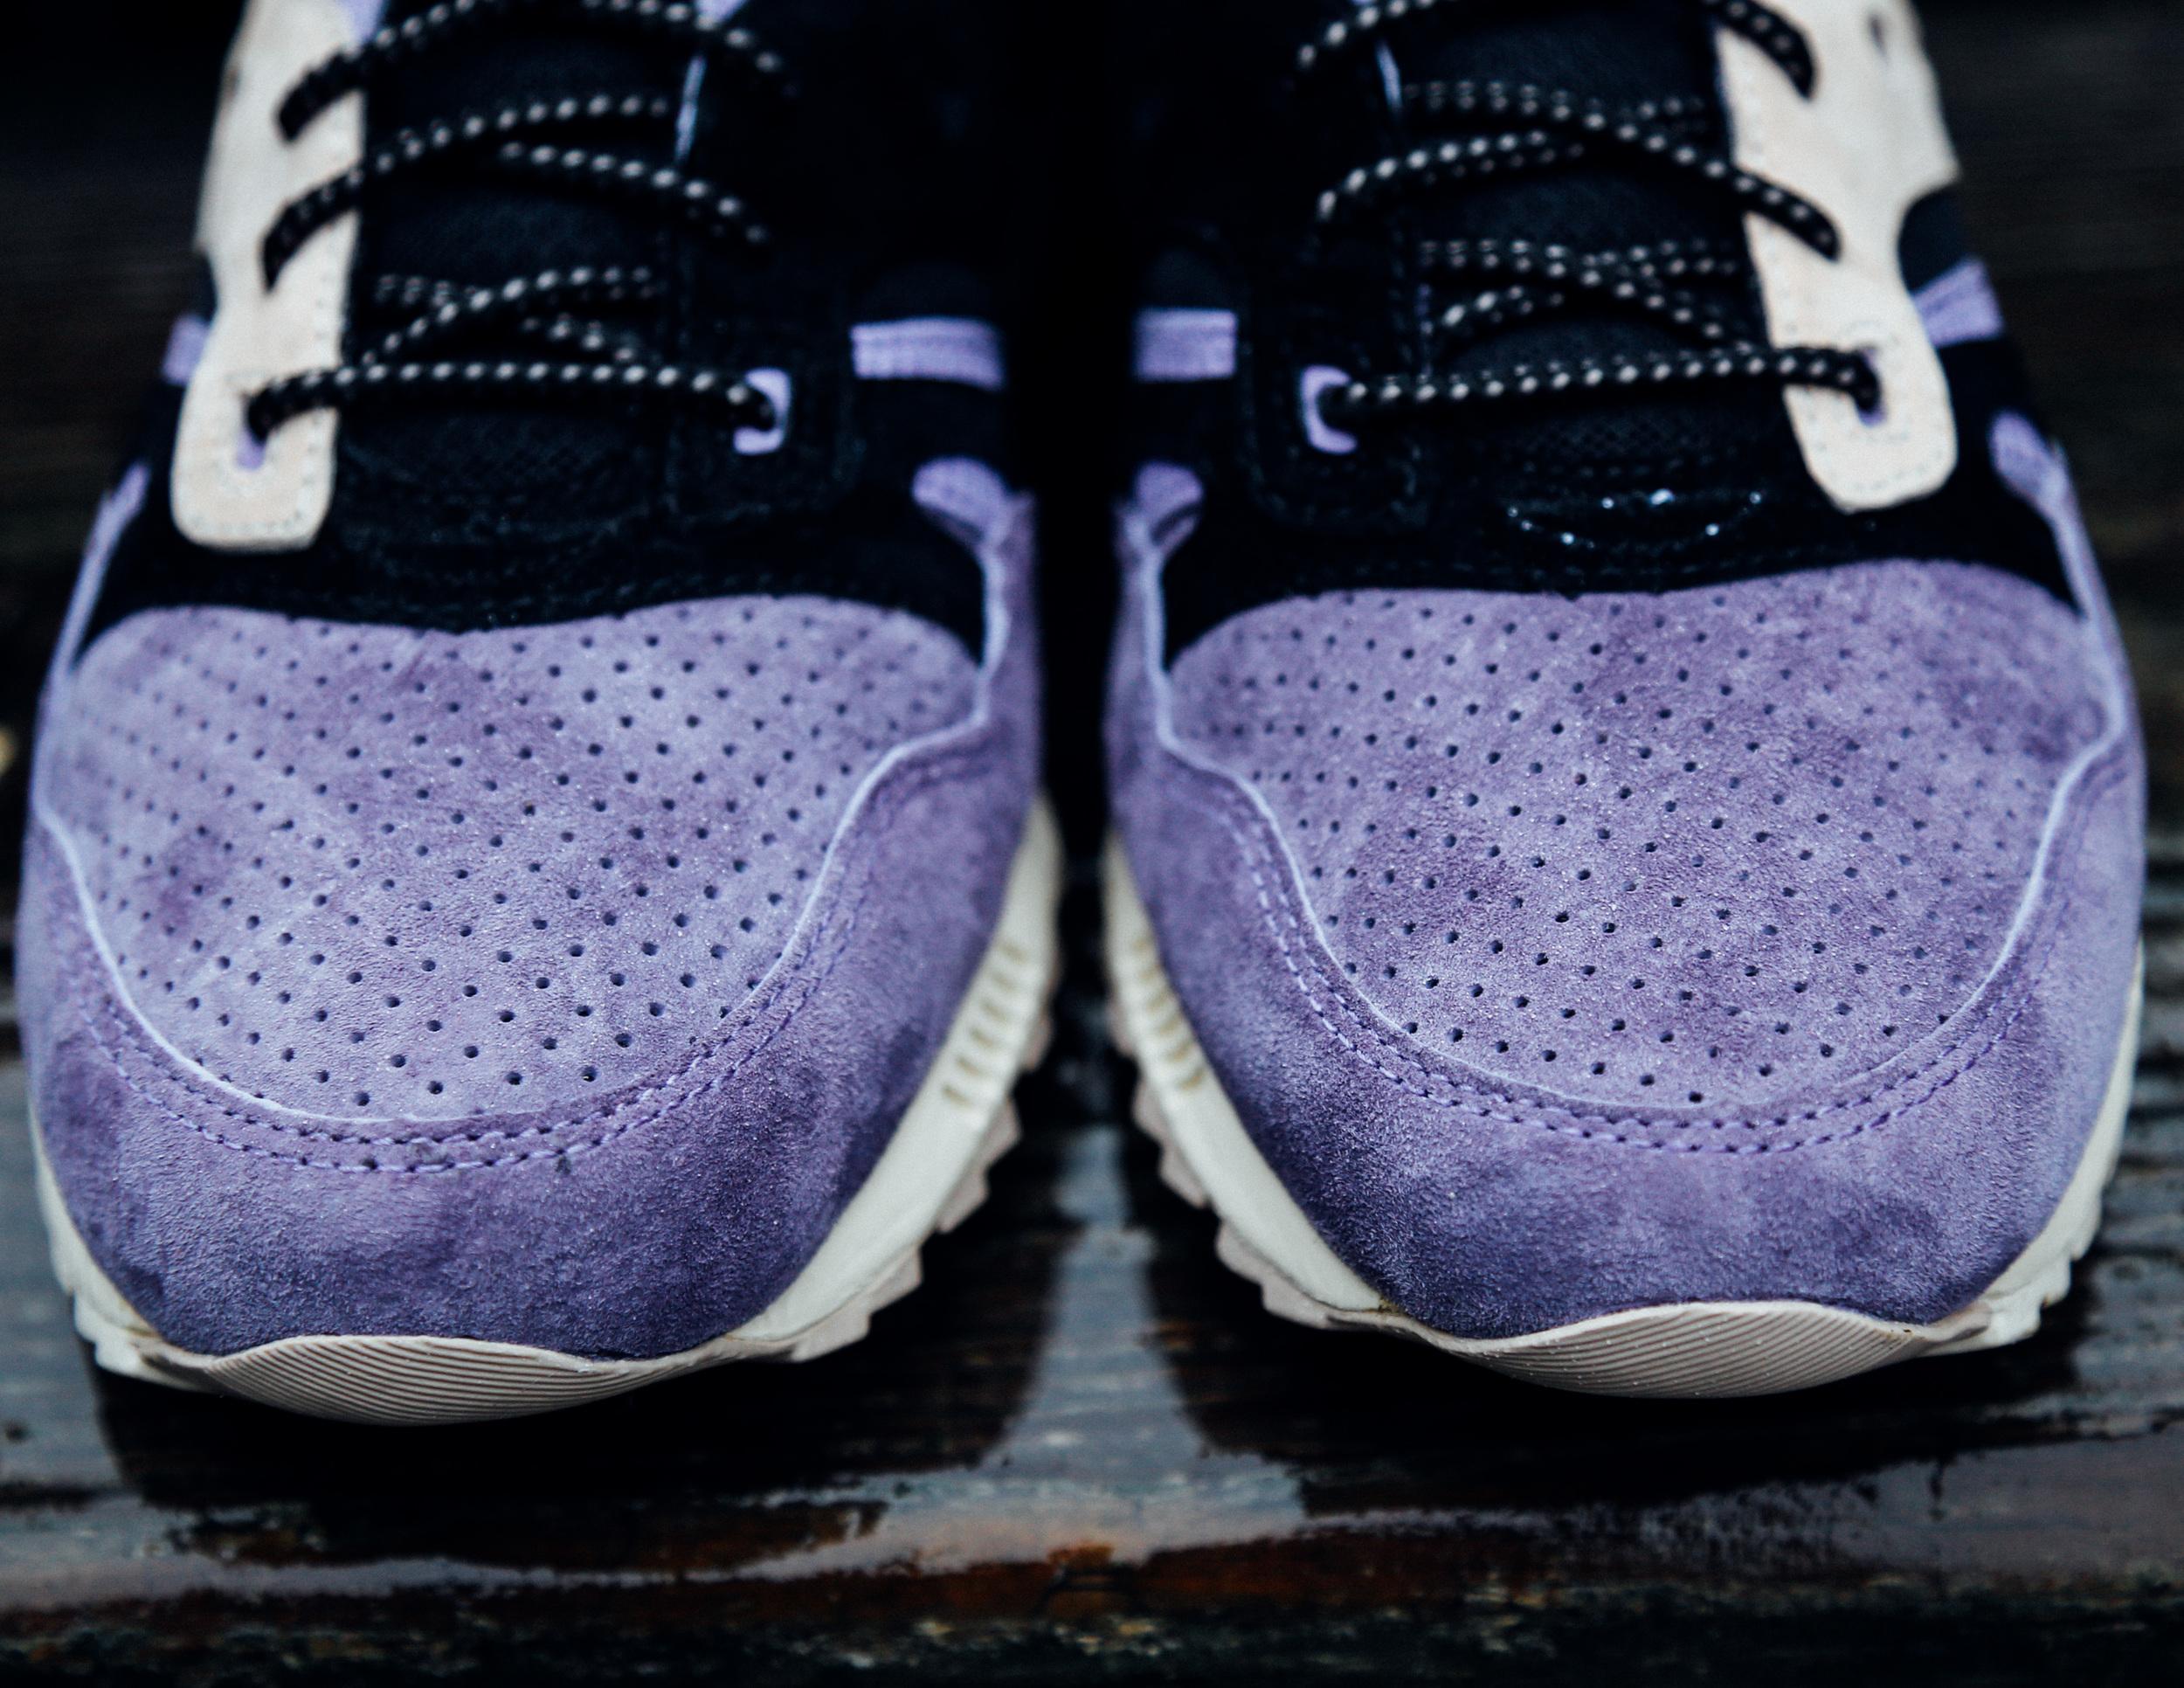 SneakerFreakerMag-Saucony-GRID-SD-KUSHWHACKER-DETAILED-LOOK_4267.jpg